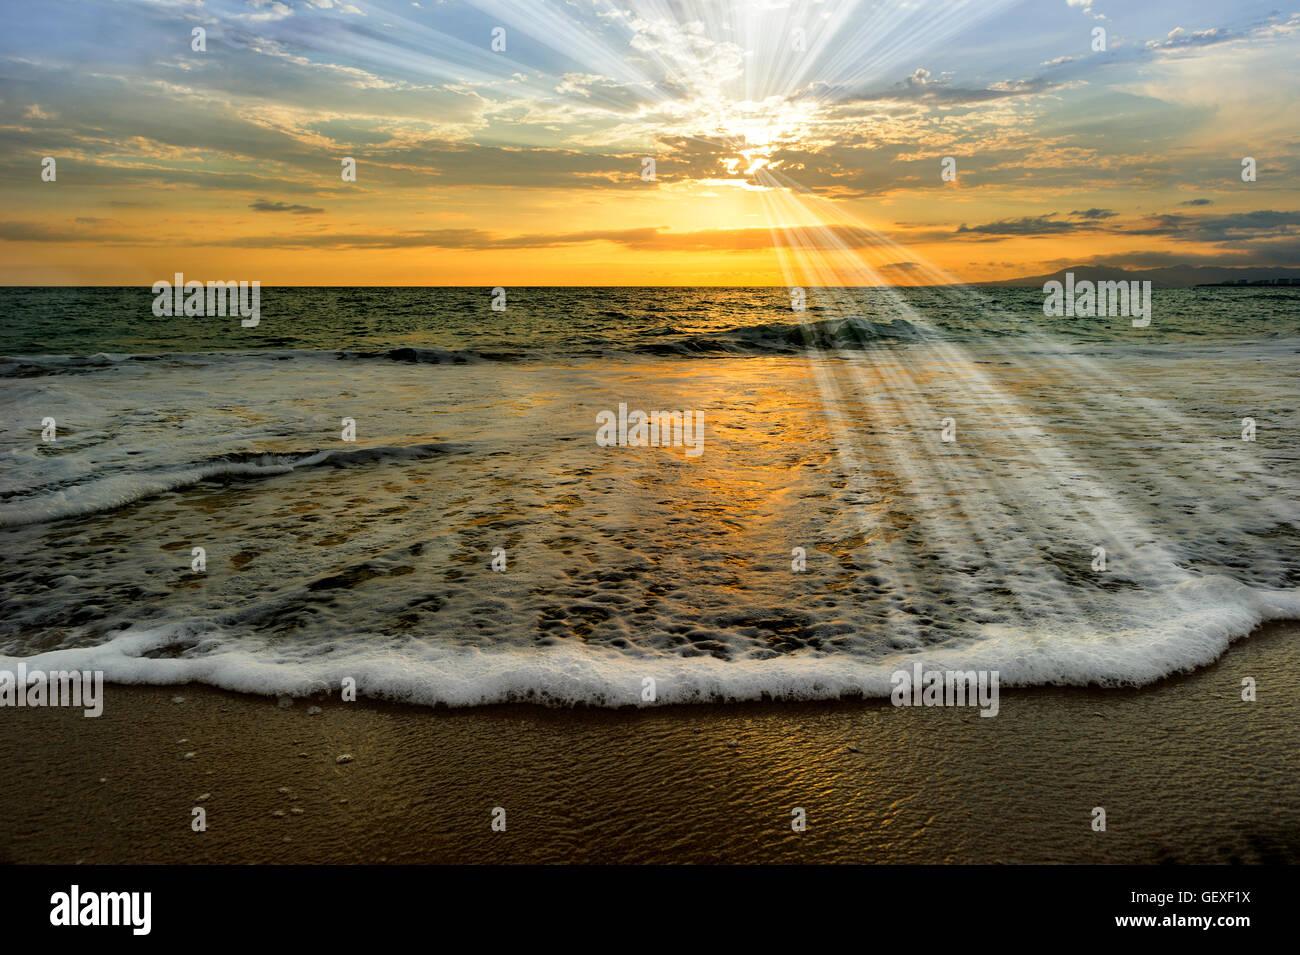 Ocean sunset raggi è un oceano etereo scenic con raggi di sole lo scoppio via dal sole di setting come un onda Immagini Stock